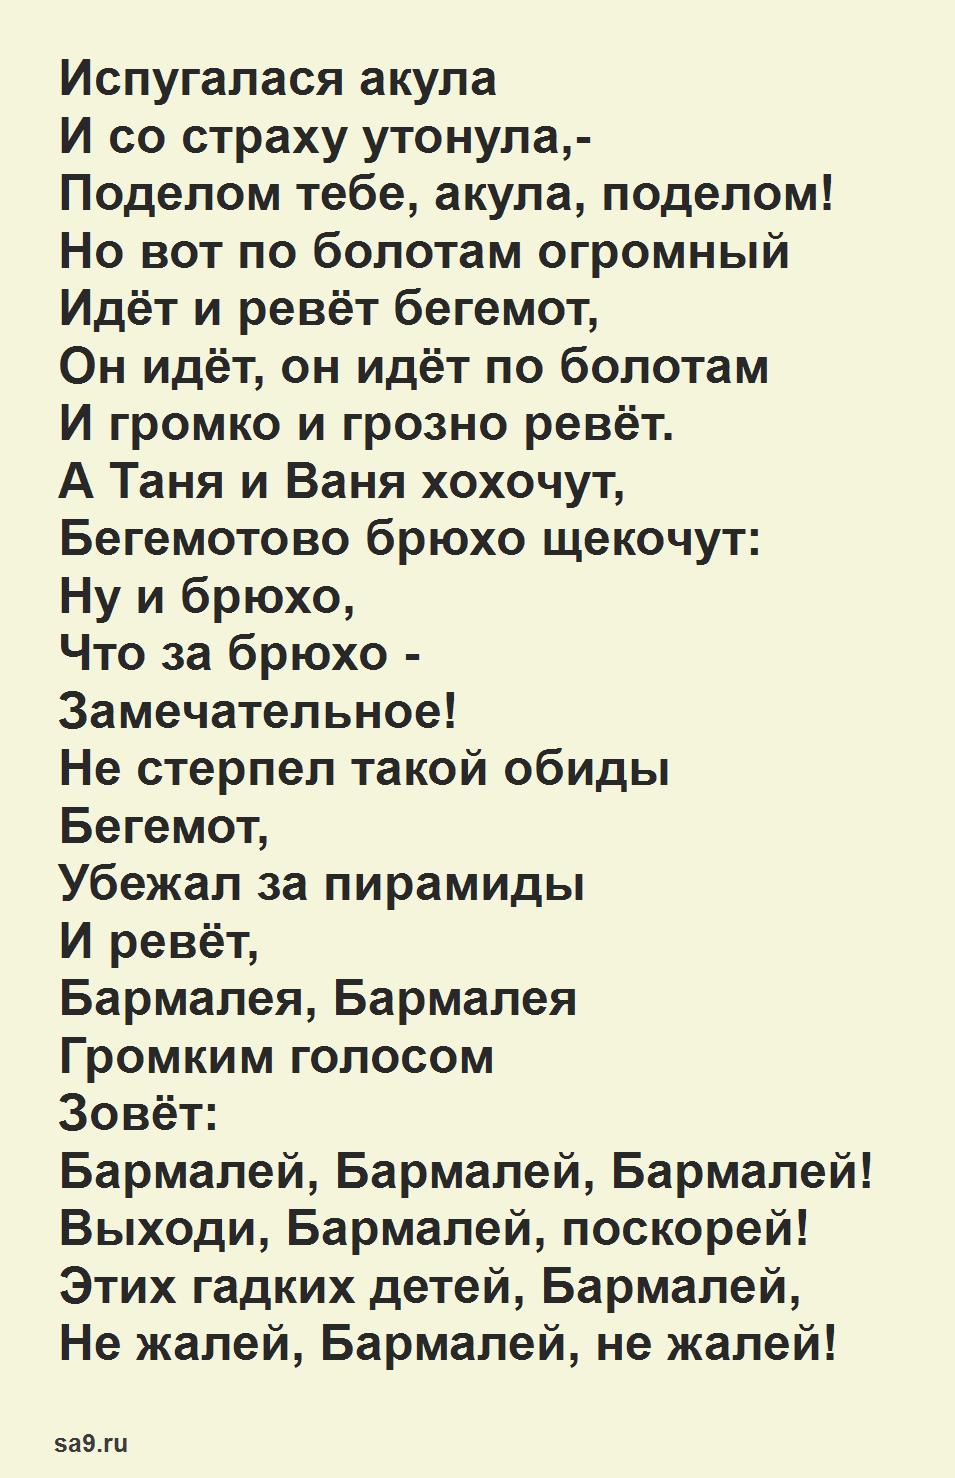 Читать сказку Чуковского для детей 'Бармалей'